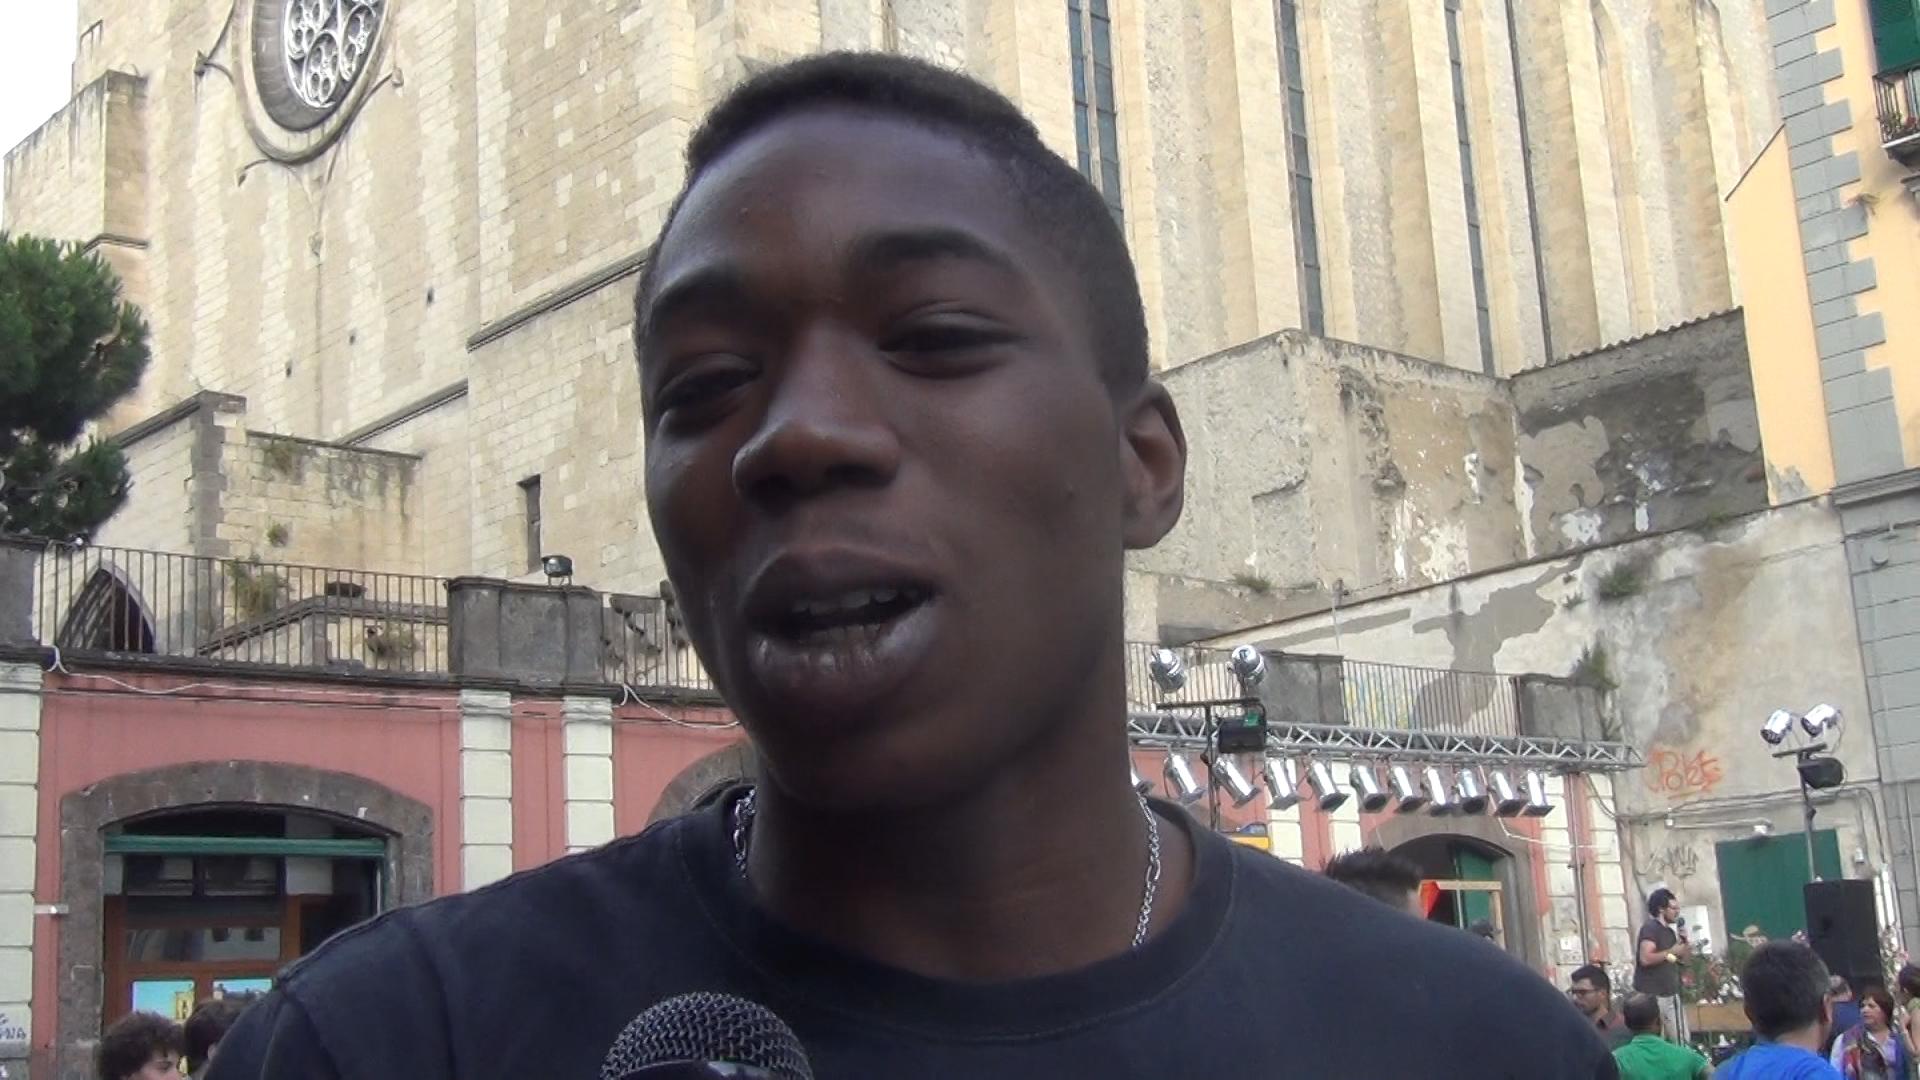 Straniero a chi? La parola agli immigrati durante la manifestazione napoletana a favore dello ius soli (VIDEO)